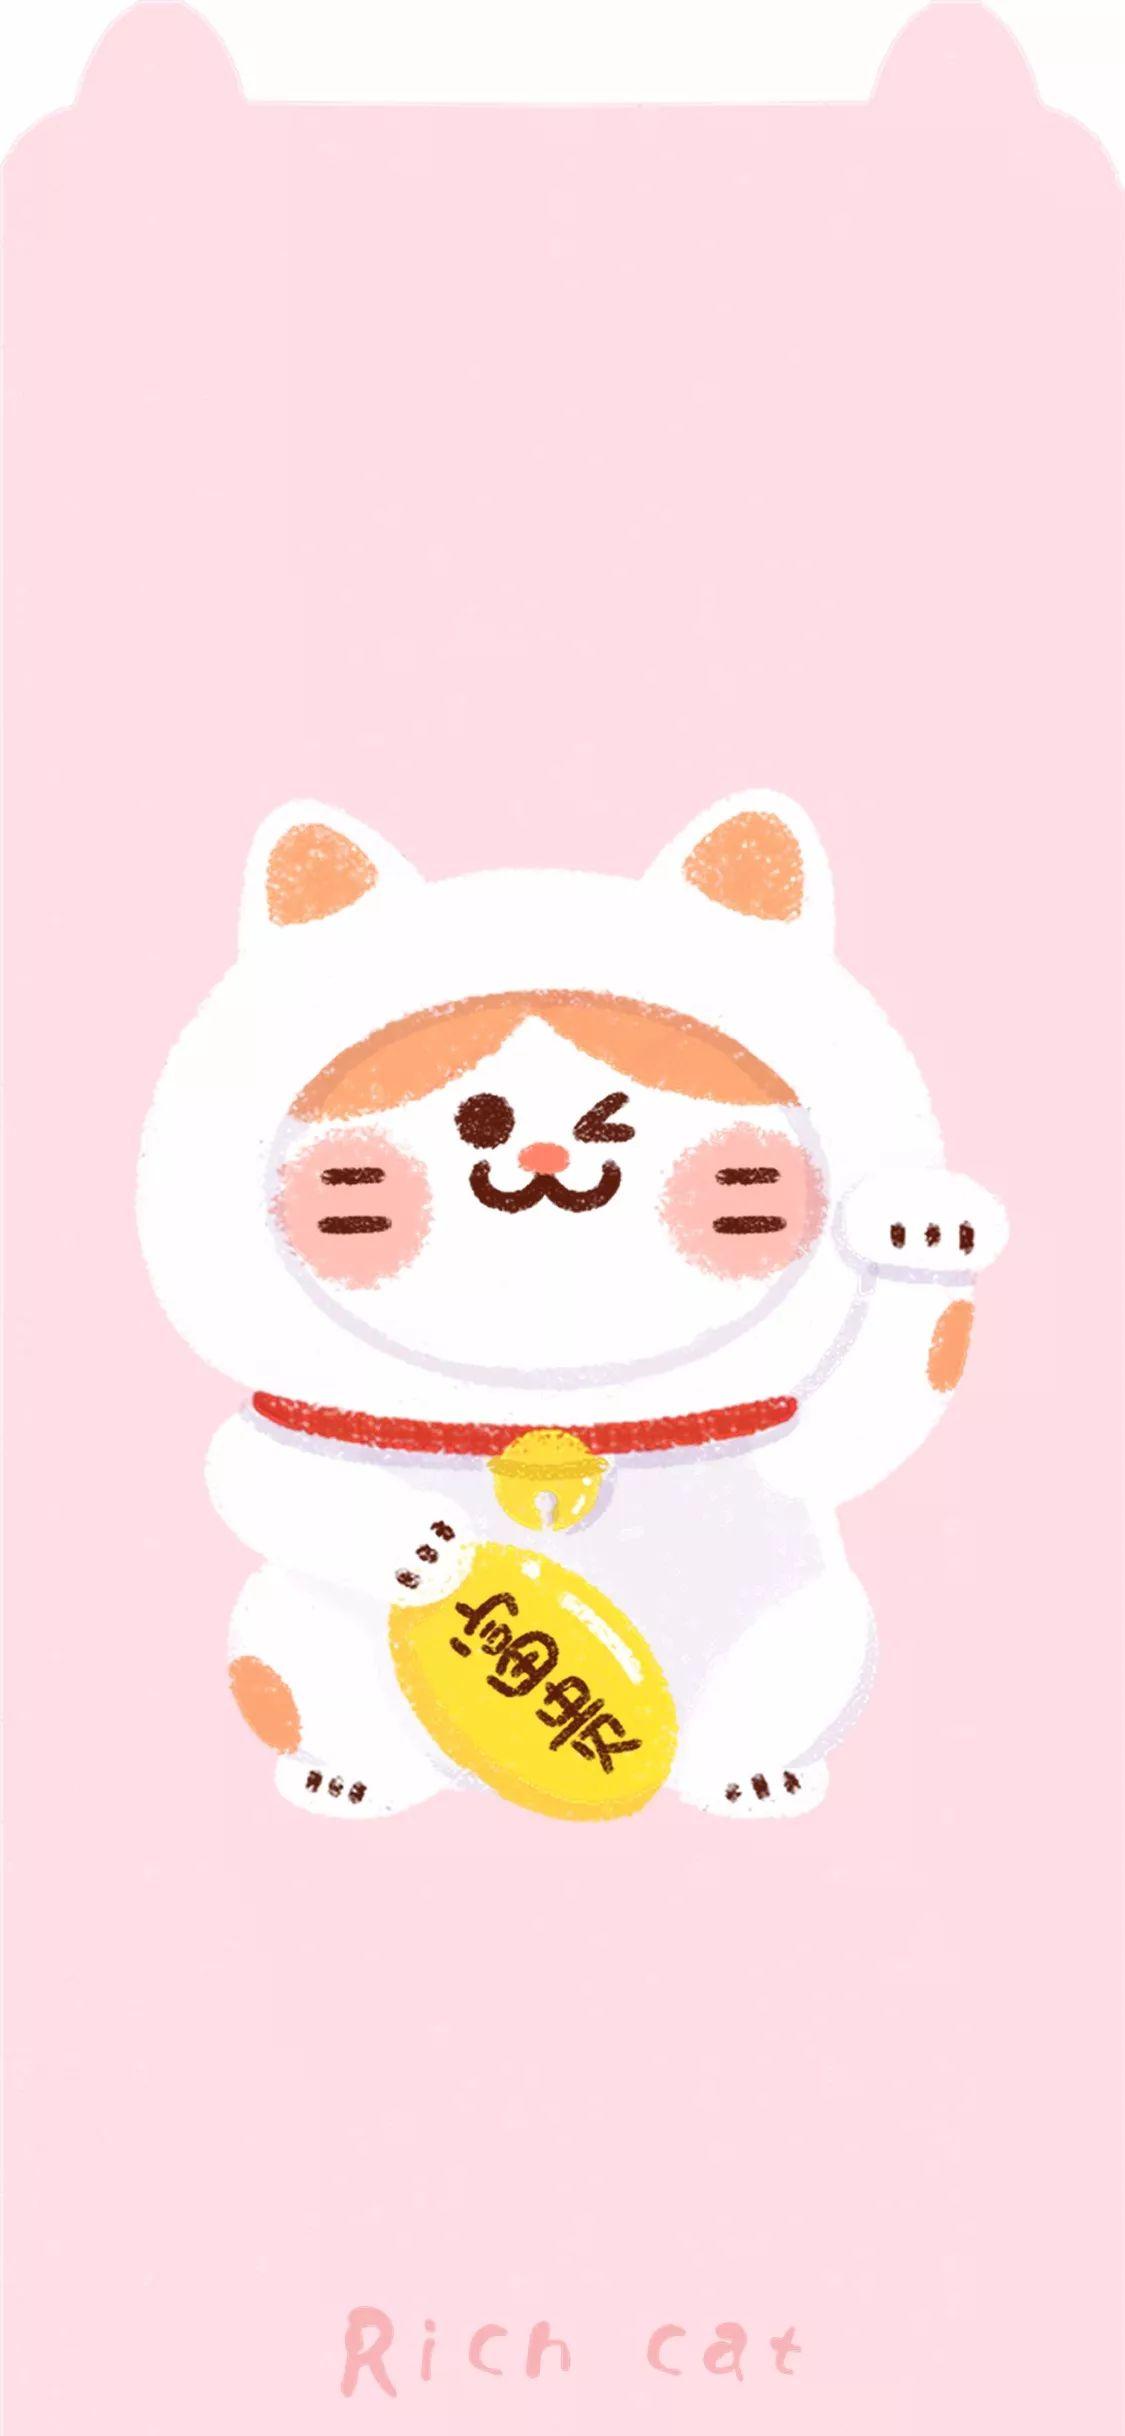 超萌壁纸,专治iphone x 齐刘海!图片